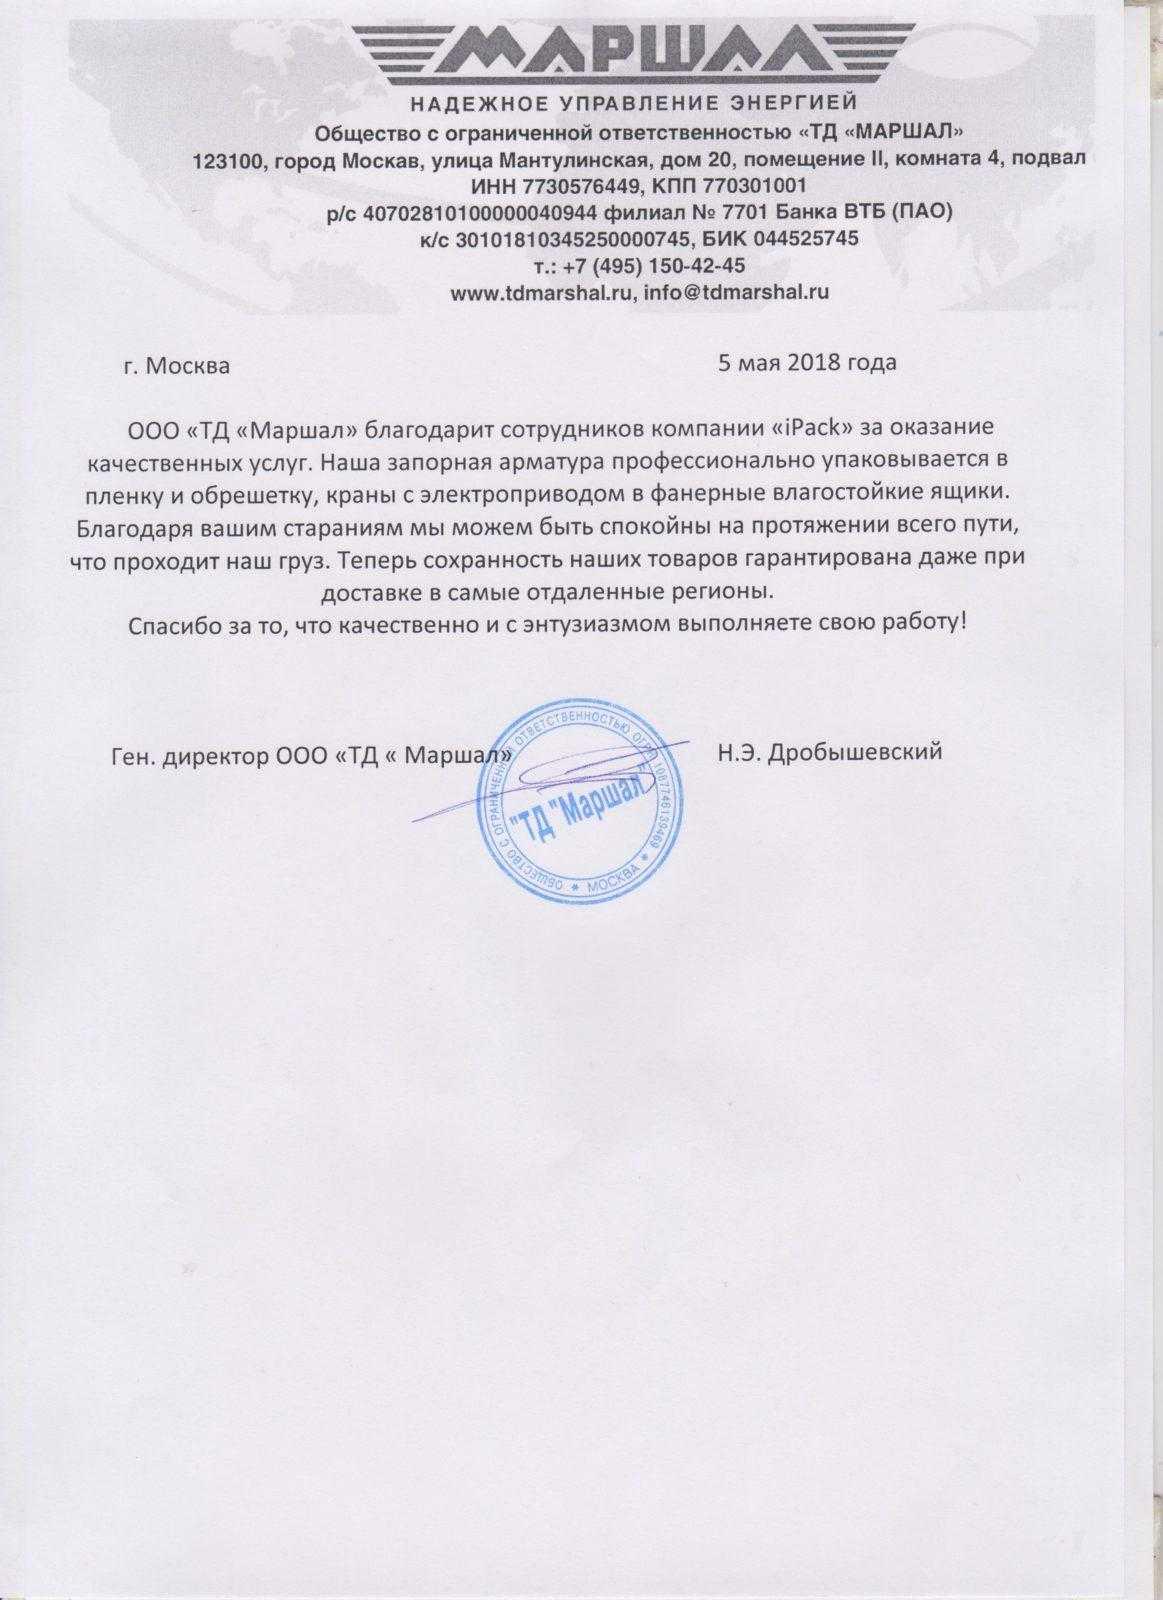 Отзыв о компании Ipack24 от «ТД МАРШАЛ»